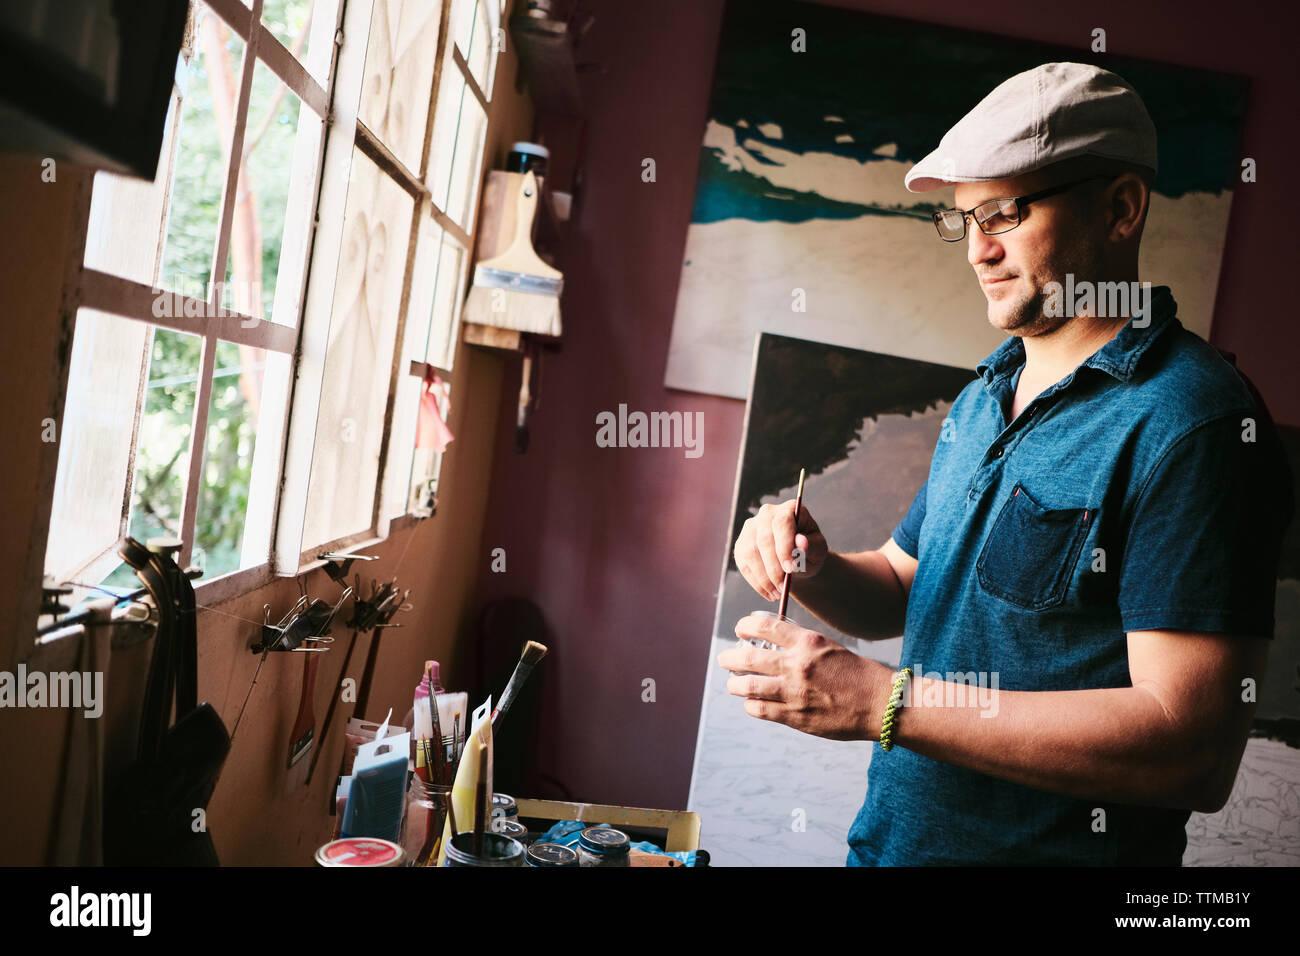 Mitte der erwachsenen männlichen kubanischen Künstlerin mischen malen Mit Pinsel in seiner Werkstatt Stockfoto